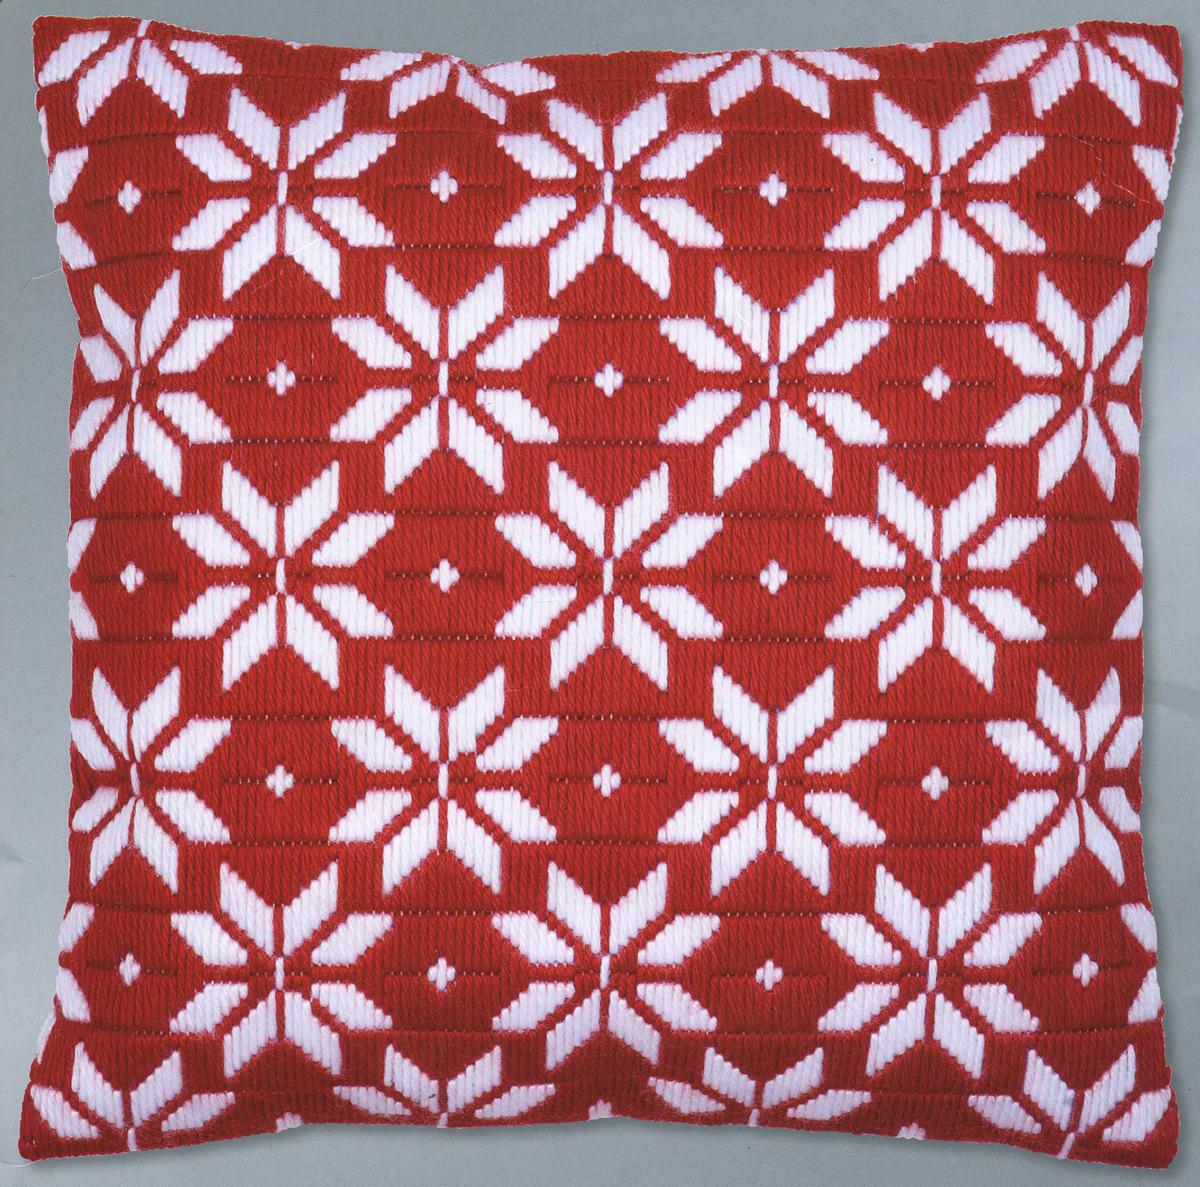 Набор для вышивания подушки Vervaco Норвежские звезды, 40 см х 40 см7712276Набор для вышивания Vervaco Норвежские звезды поможет вам создать свой личный шедевр - красивую декоративную подушку, вышитую на канве. Вышивание отвлечет вас от повседневных забот и превратится в увлекательное занятие! Работа, сделанная своими руками, создаст особый уют и атмосферу в доме и долгие годы будет радовать вас и ваших близких, а подарок, выполненный собственноручно, станет самым ценным для друзей и знакомых. В состав набора входит: - страмин с нанесенным рисунком (100% хлопок), - толстая пряжа (100% акрил), - игла, - инструкция на русском языке. Размер страмина: 49 см х 44 см. Техника вышивания - отдельные стежки Bargello. Обратная сторона подушки и наполнитель в комплект не входят.